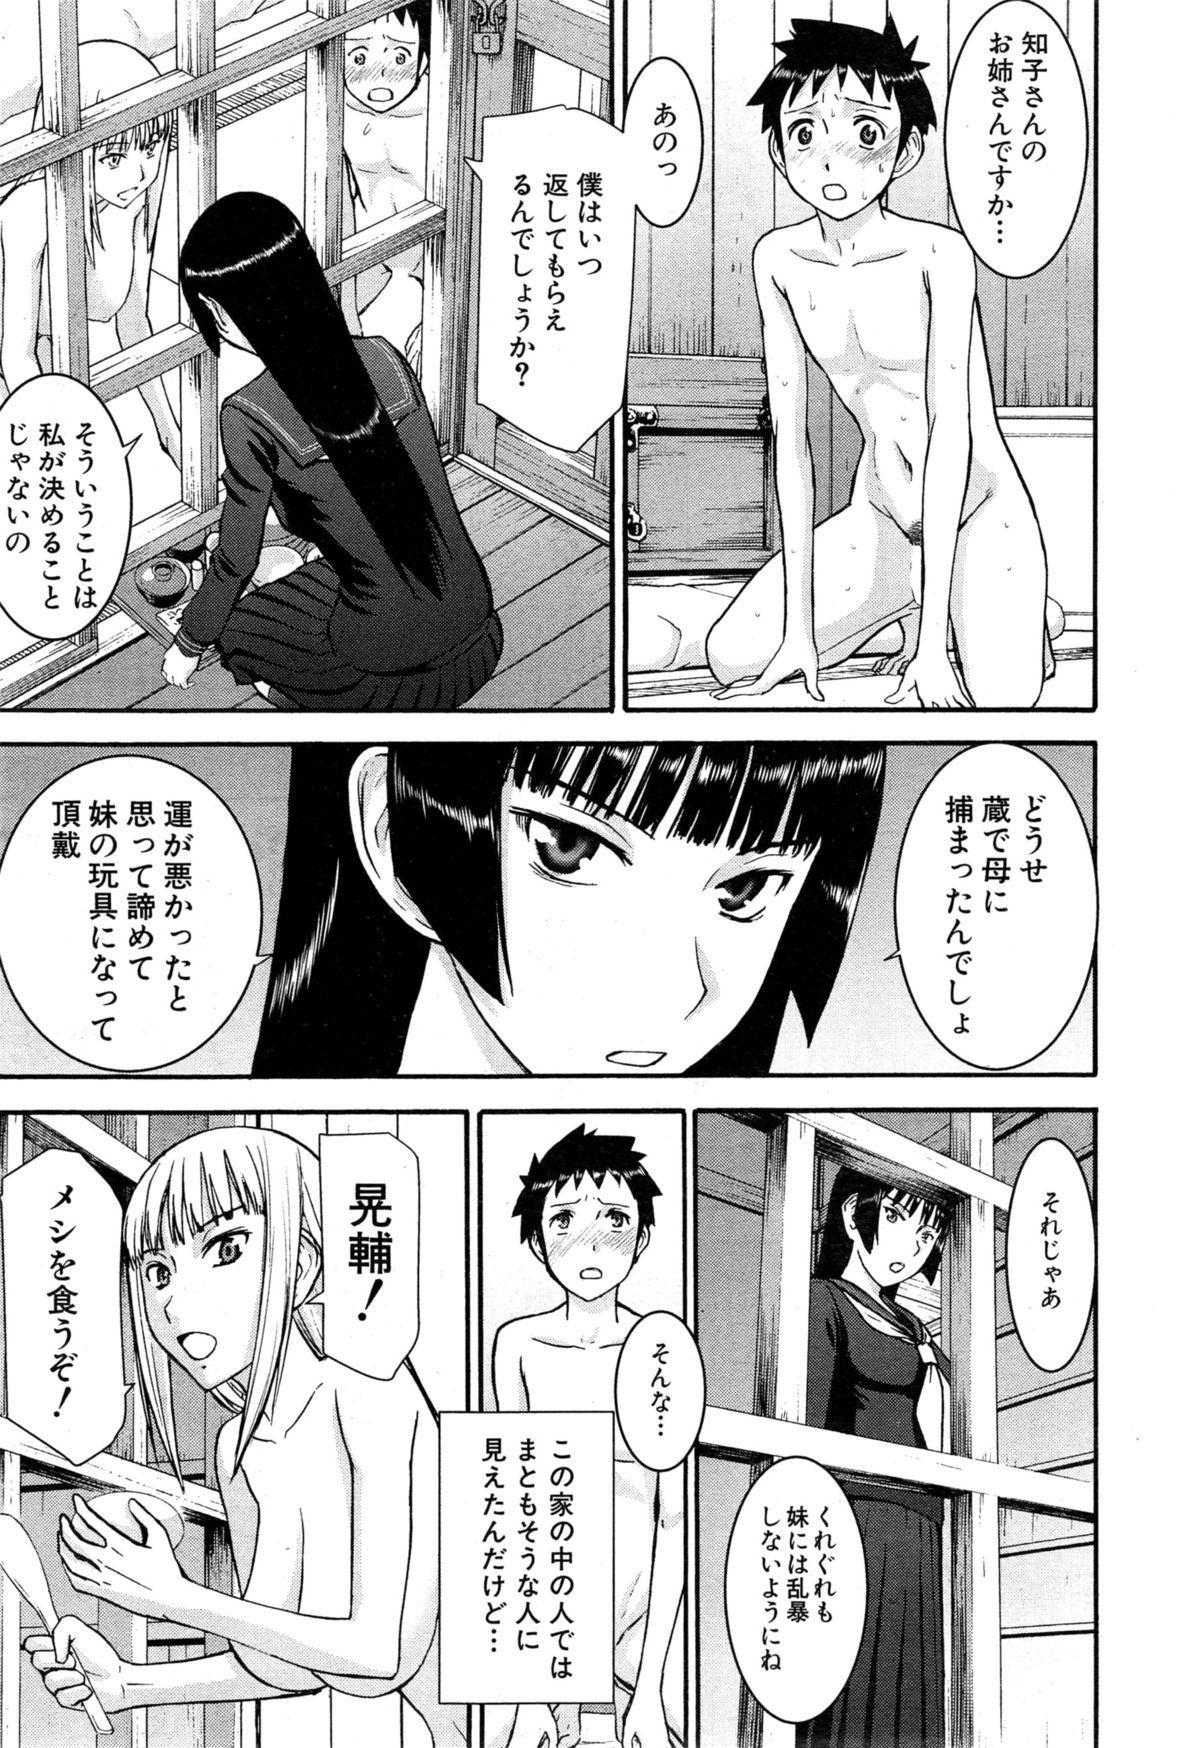 Zashikihime no Omocha Ch. 1-6 64